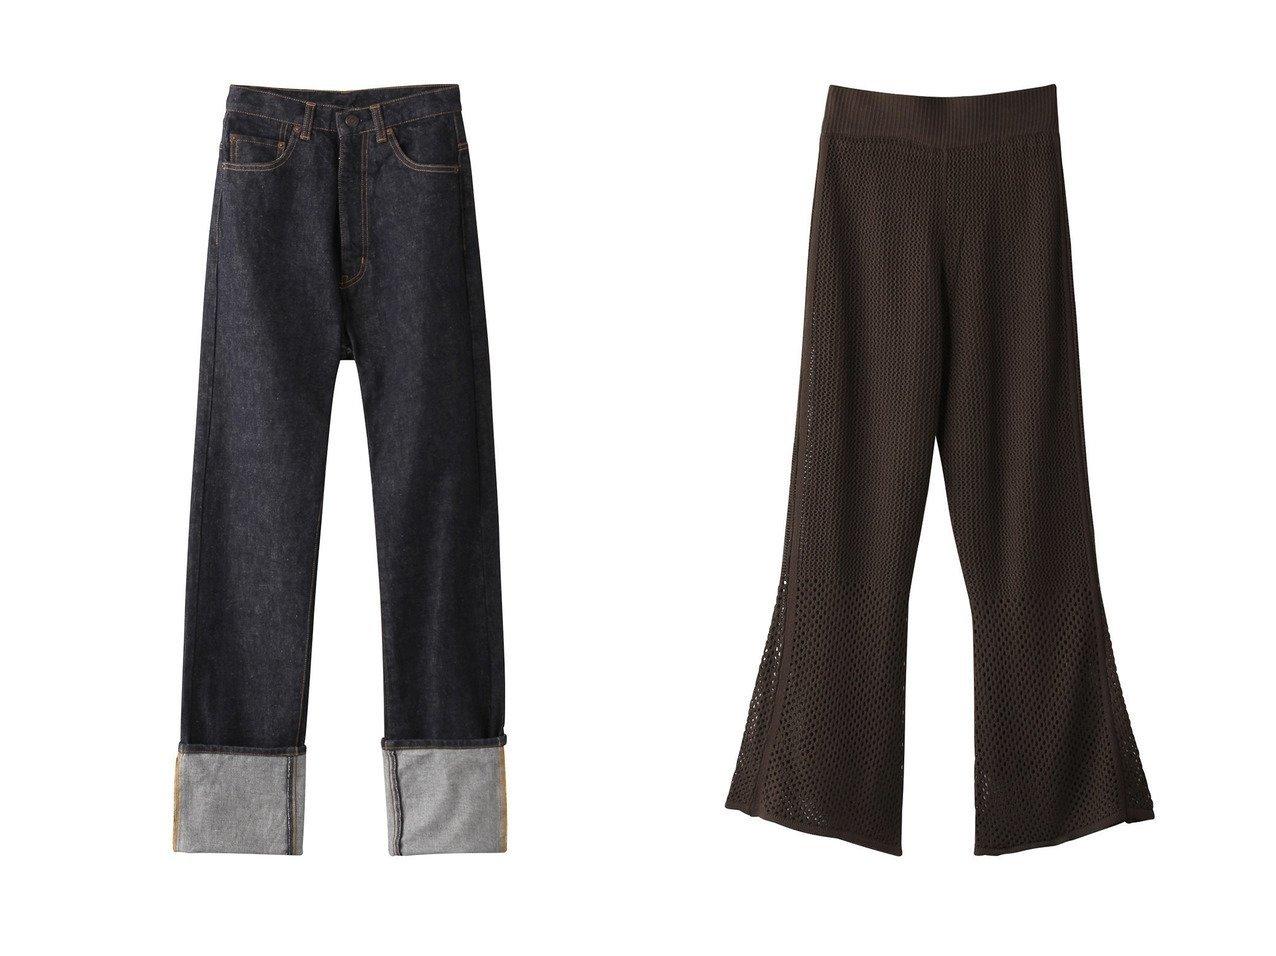 【Whim Gazette/ウィムガゼット】のDENIM5pocketストレートパンツ&【THE PAUSE】透かし編みパンツ 【パンツ】おすすめ!人気、トレンド・レディースファッションの通販 おすすめで人気の流行・トレンド、ファッションの通販商品 インテリア・家具・メンズファッション・キッズファッション・レディースファッション・服の通販 founy(ファニー) https://founy.com/ ファッション Fashion レディースファッション WOMEN パンツ Pants 2020年 2020 2020-2021秋冬・A/W AW・Autumn/Winter・FW・Fall-Winter/2020-2021 2021年 2021 2021-2022秋冬・A/W AW・Autumn/Winter・FW・Fall-Winter・2021-2022 A/W・秋冬 AW・Autumn/Winter・FW・Fall-Winter シアー フレア 透かし ストレート ダメージ デニム ロールアップ |ID:crp329100000067211